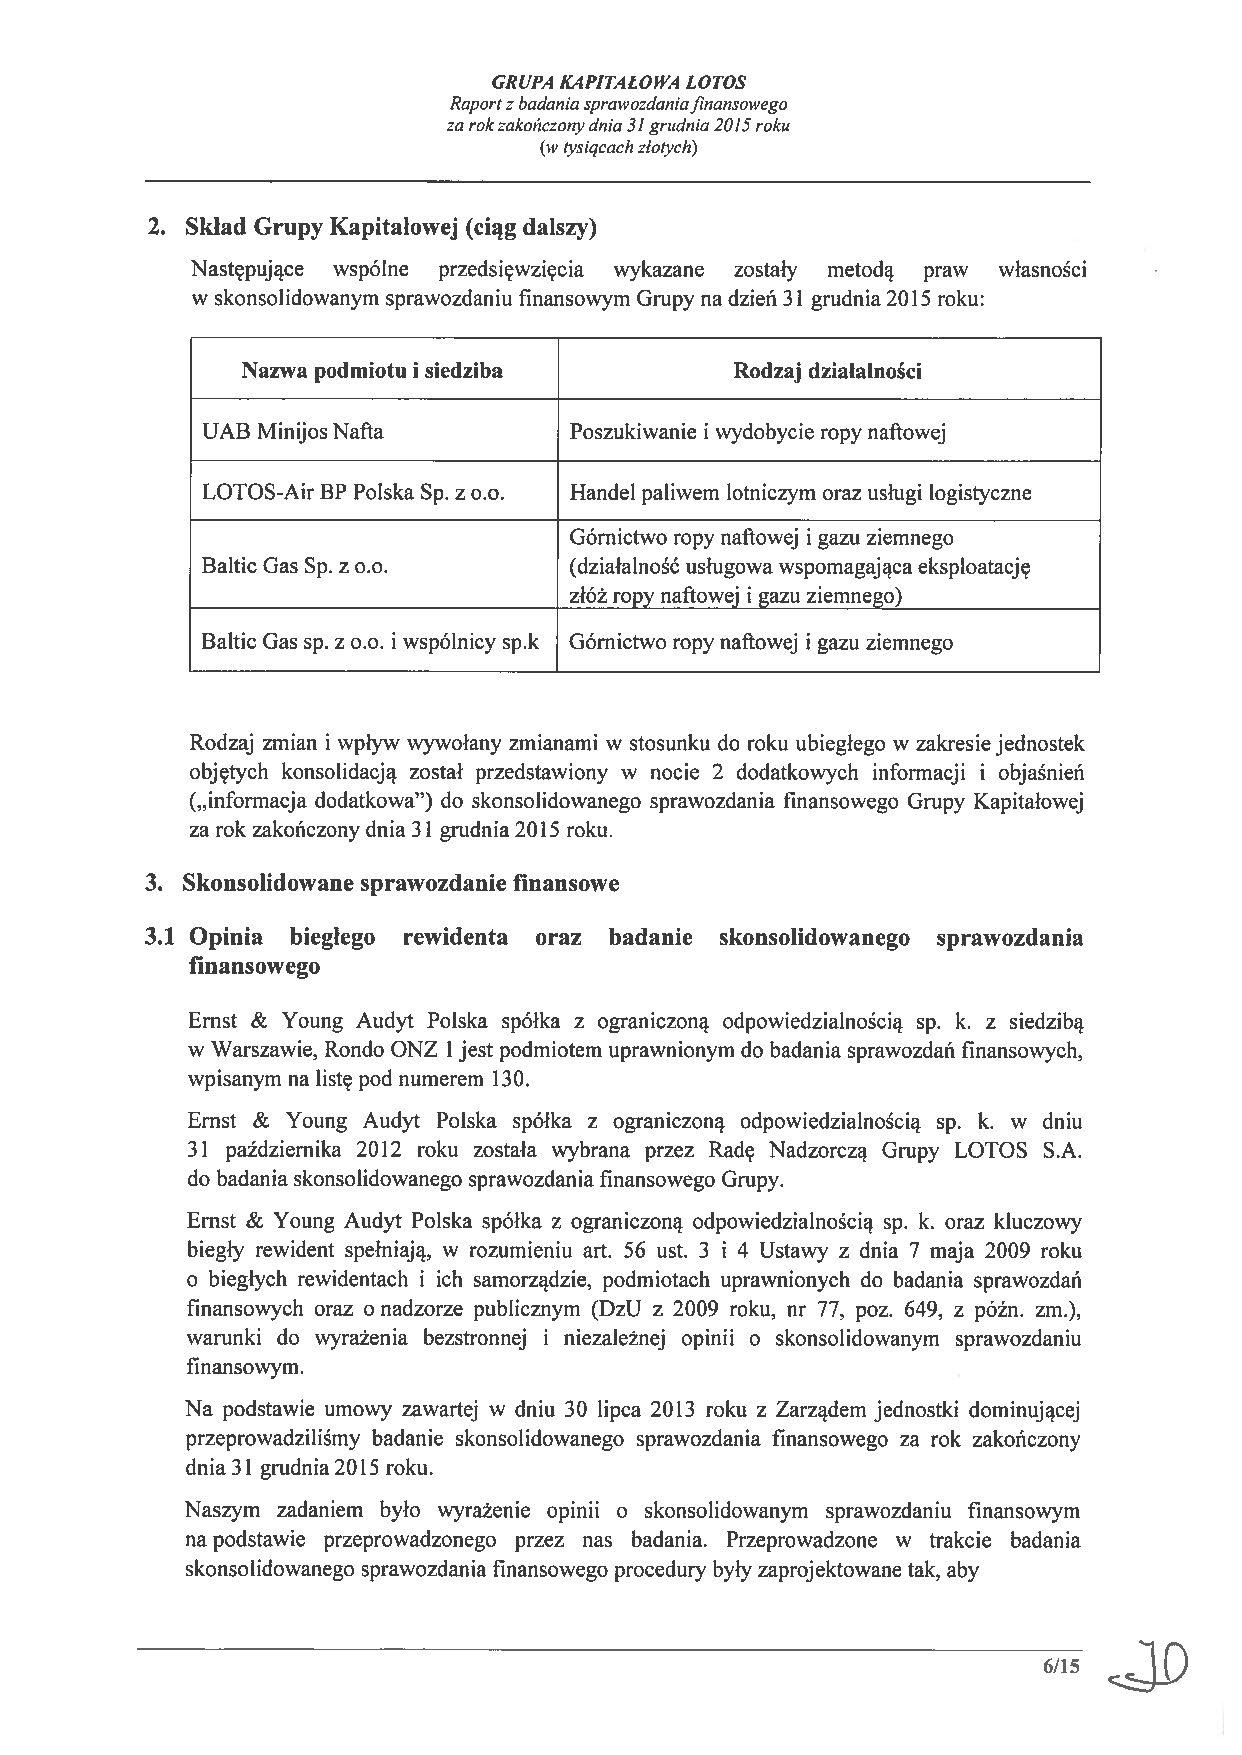 Grupa Kapitalowa LOTOS 2015 - Raport audytora z badania Skonsolidowanego Sprawozdania Finansowego strona 6